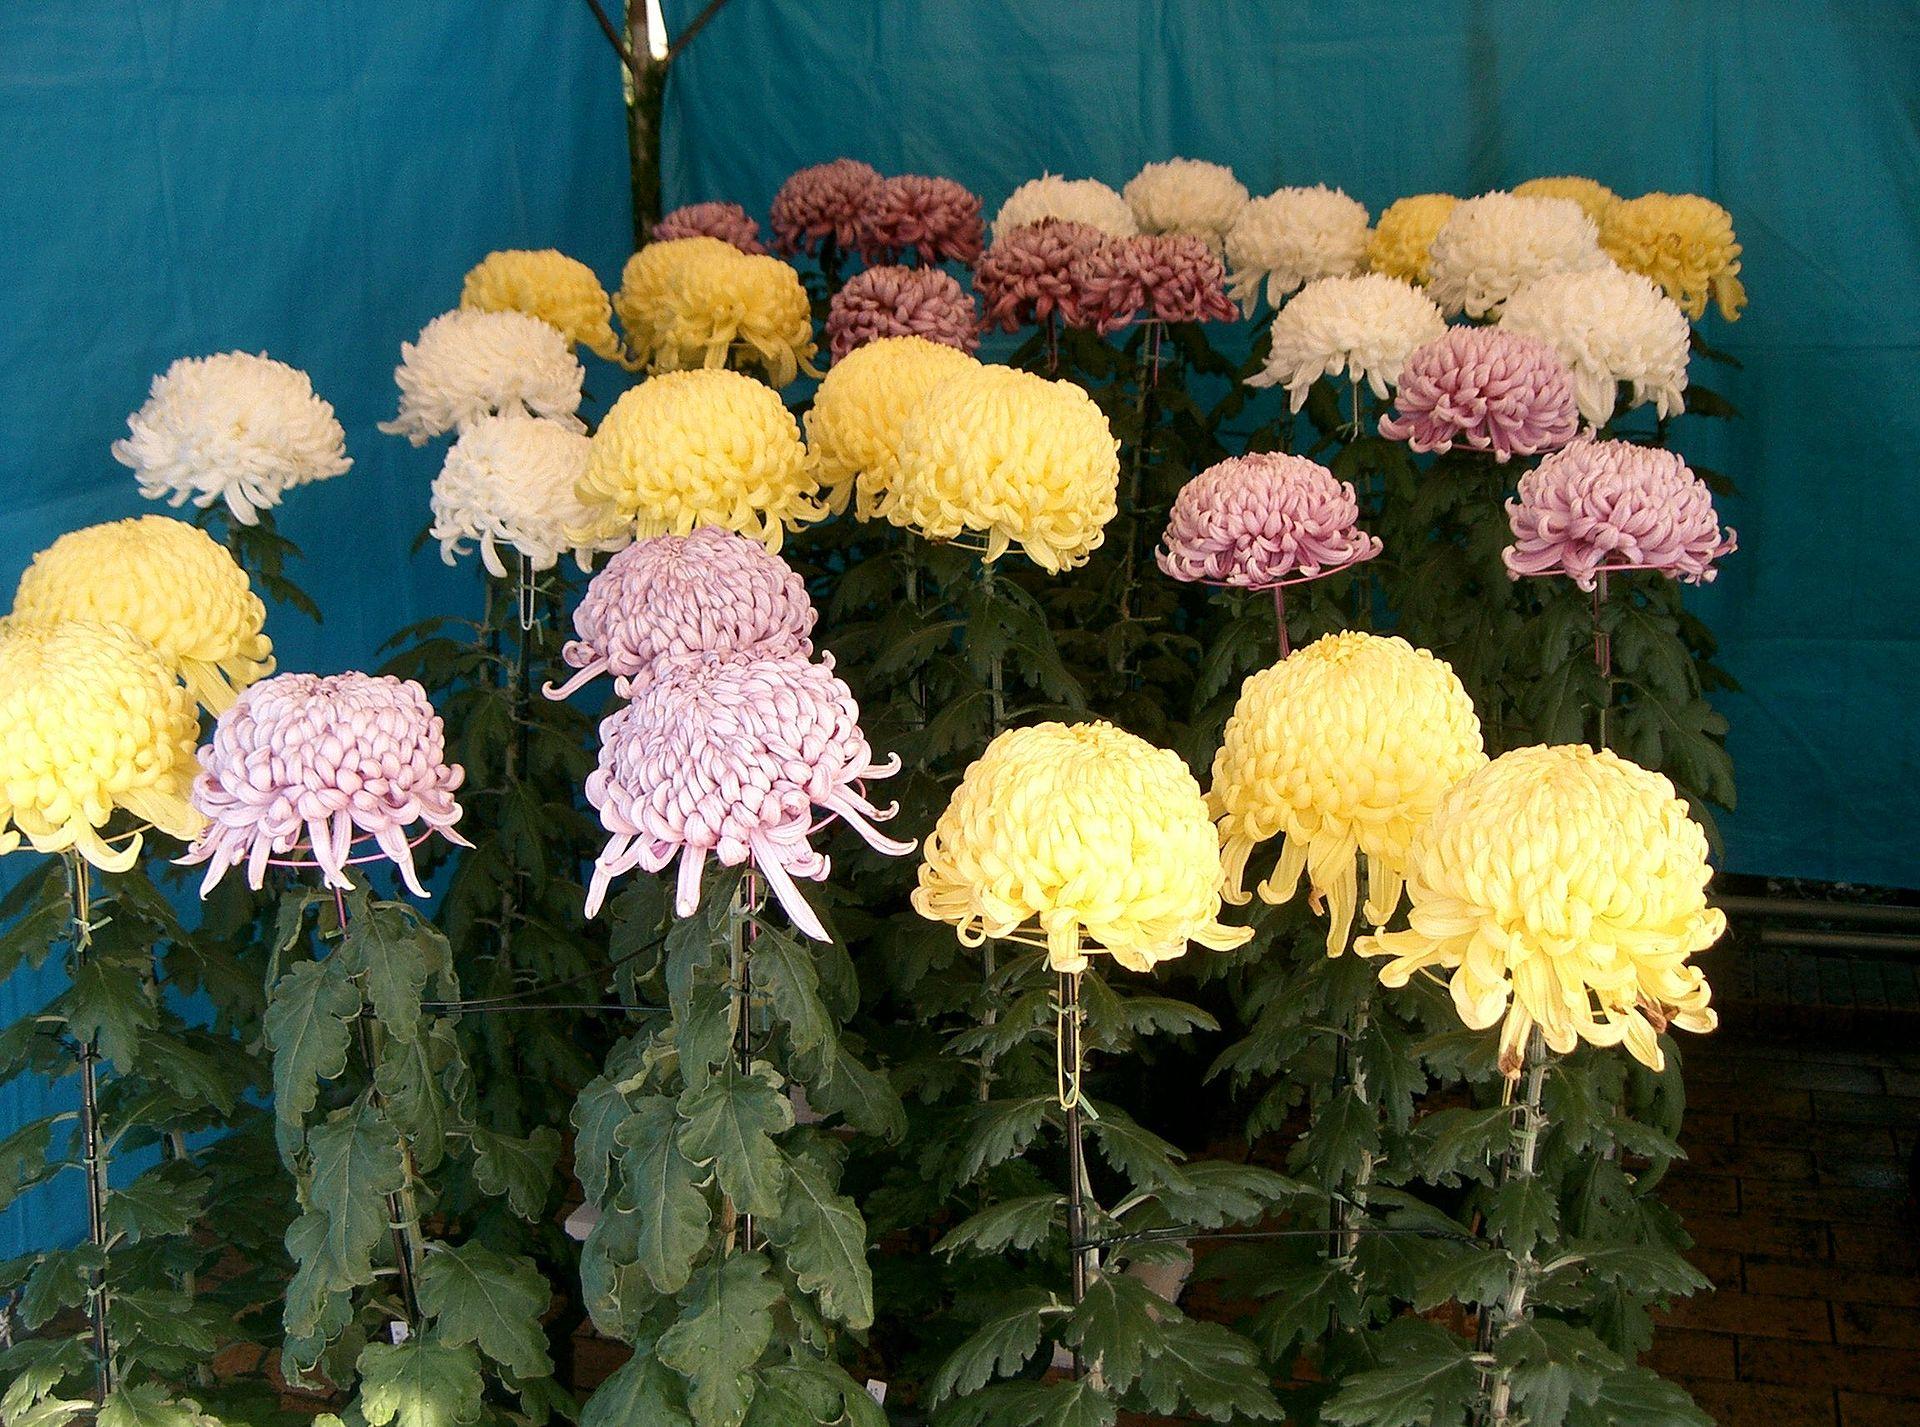 1. Złocień wielokwiatowy – potocznie Chryzantema (Chrysanthemum morifolium)